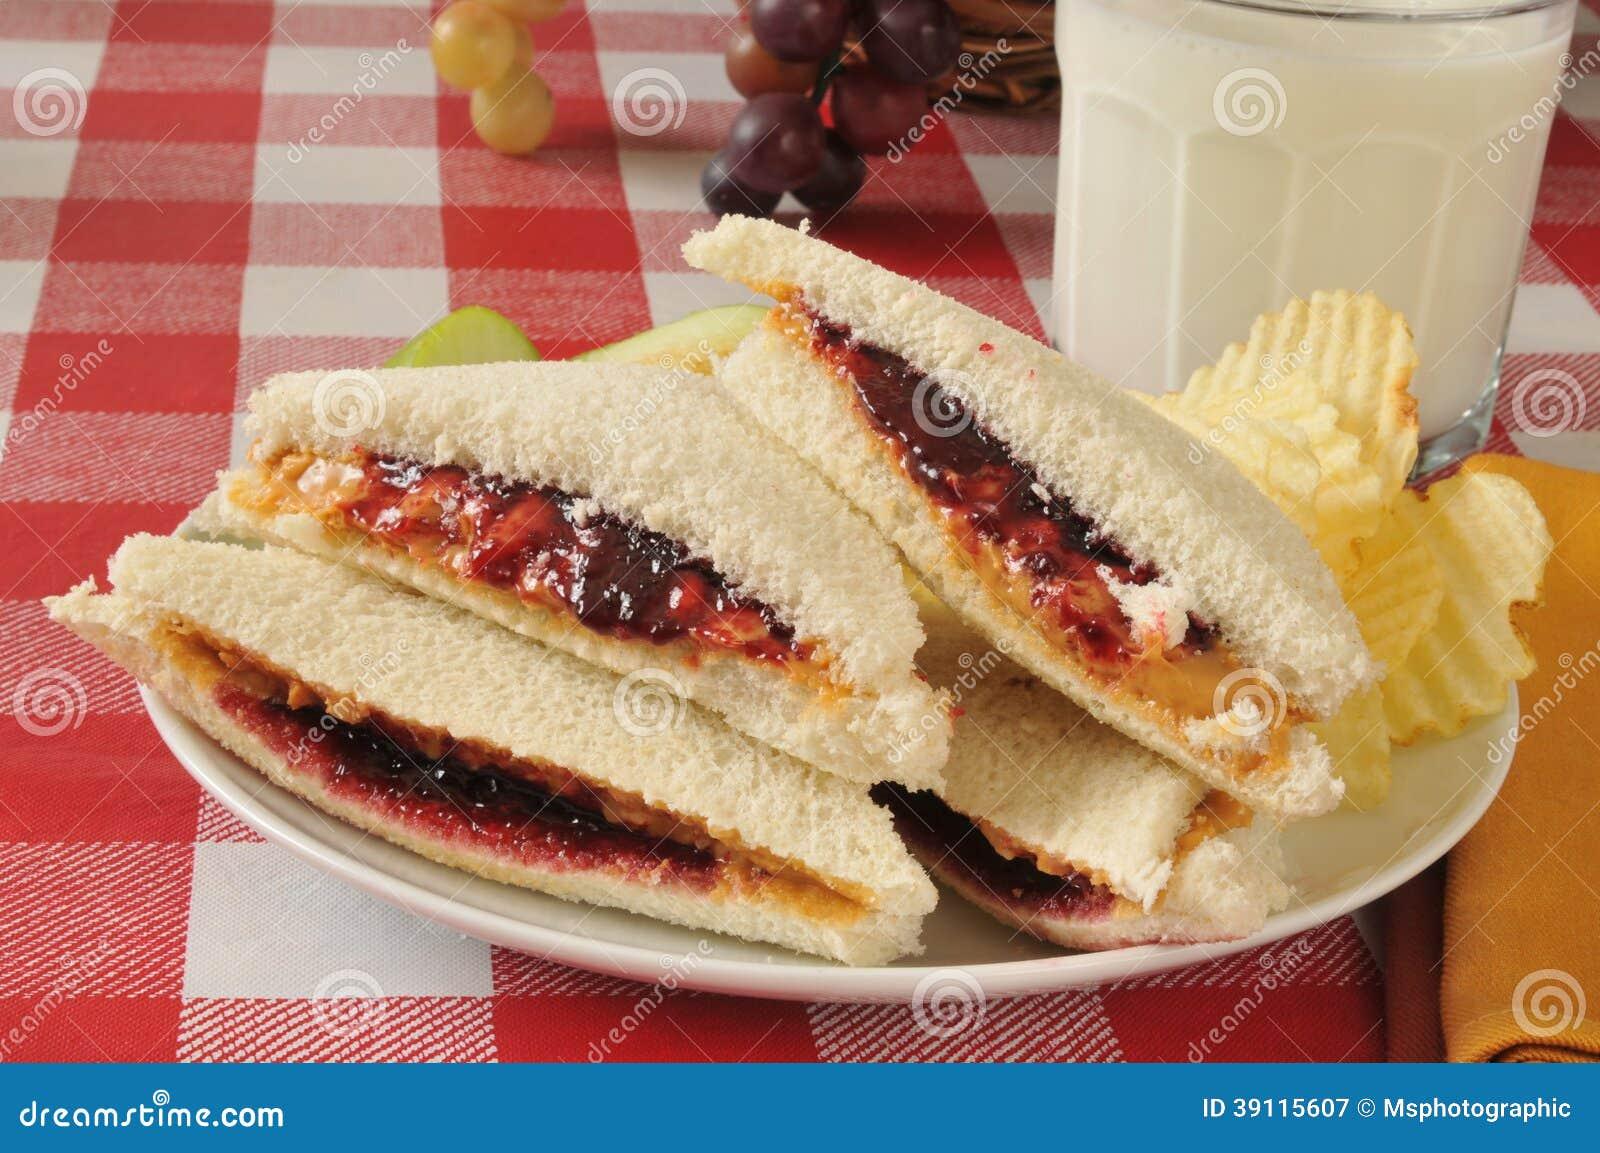 Pindakaas en geleisandwich